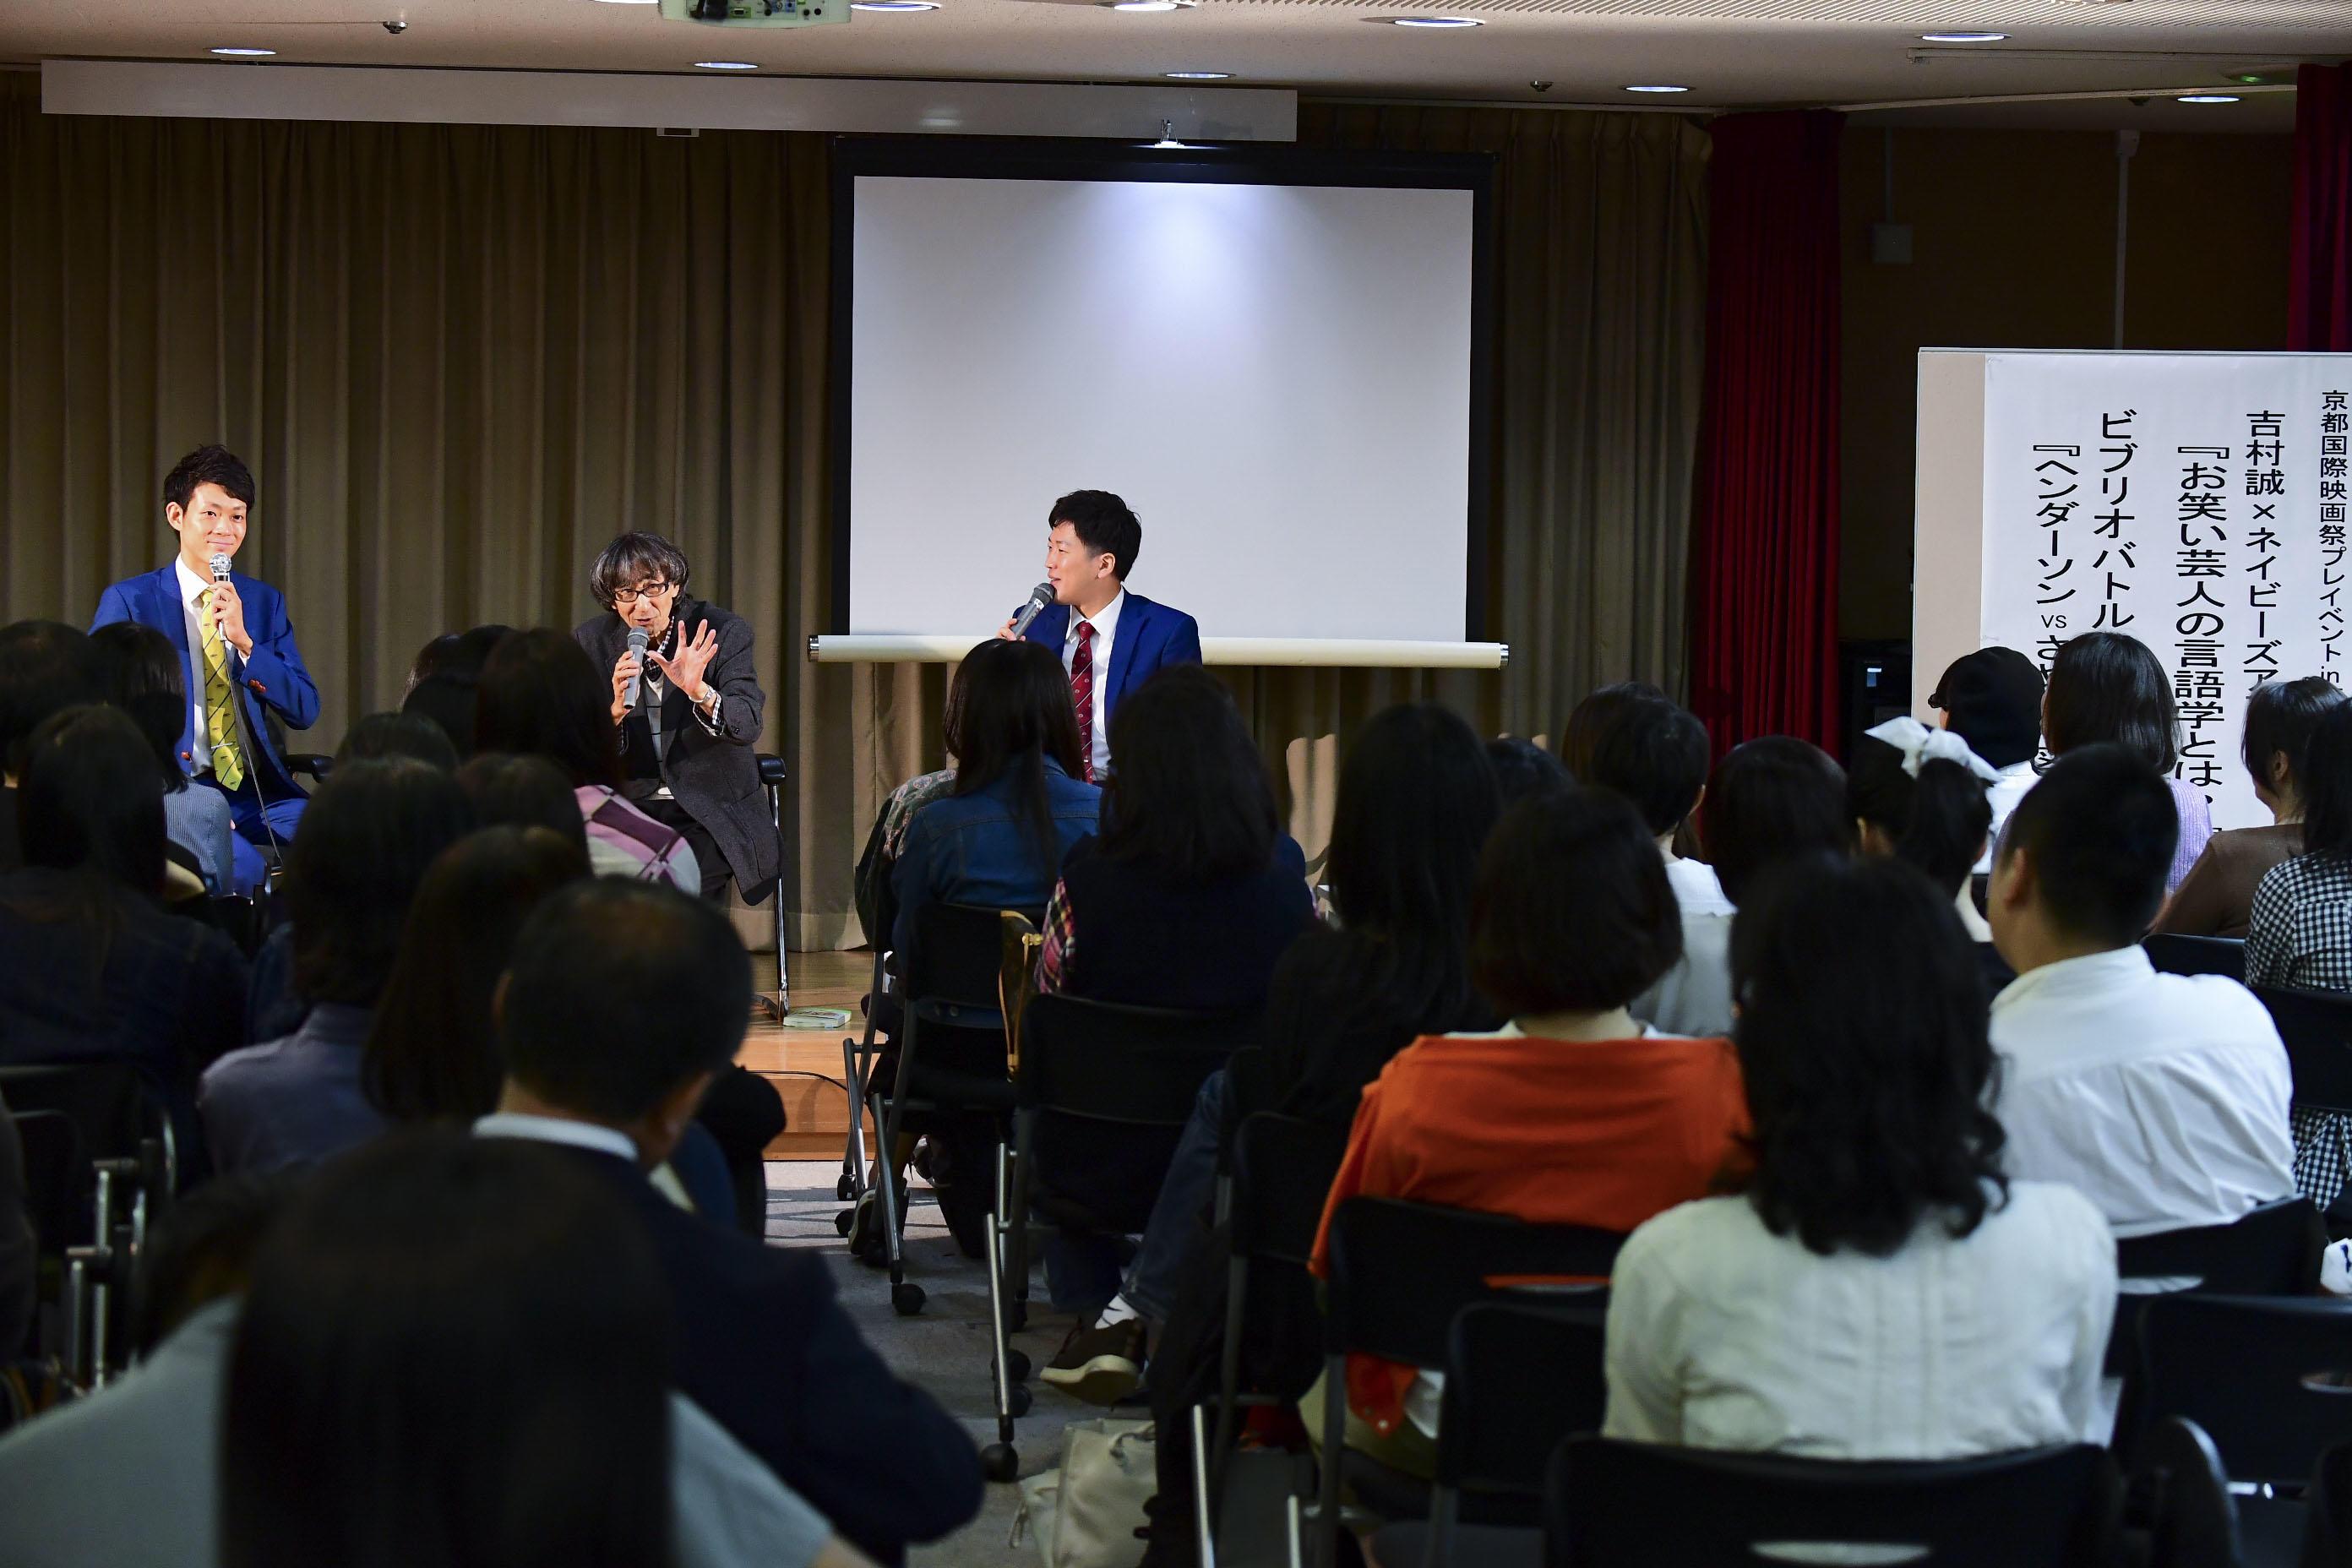 http://news.yoshimoto.co.jp/20171009101933-1de5a935e2989fed3e201694c2da1b9d6ede0163.jpg